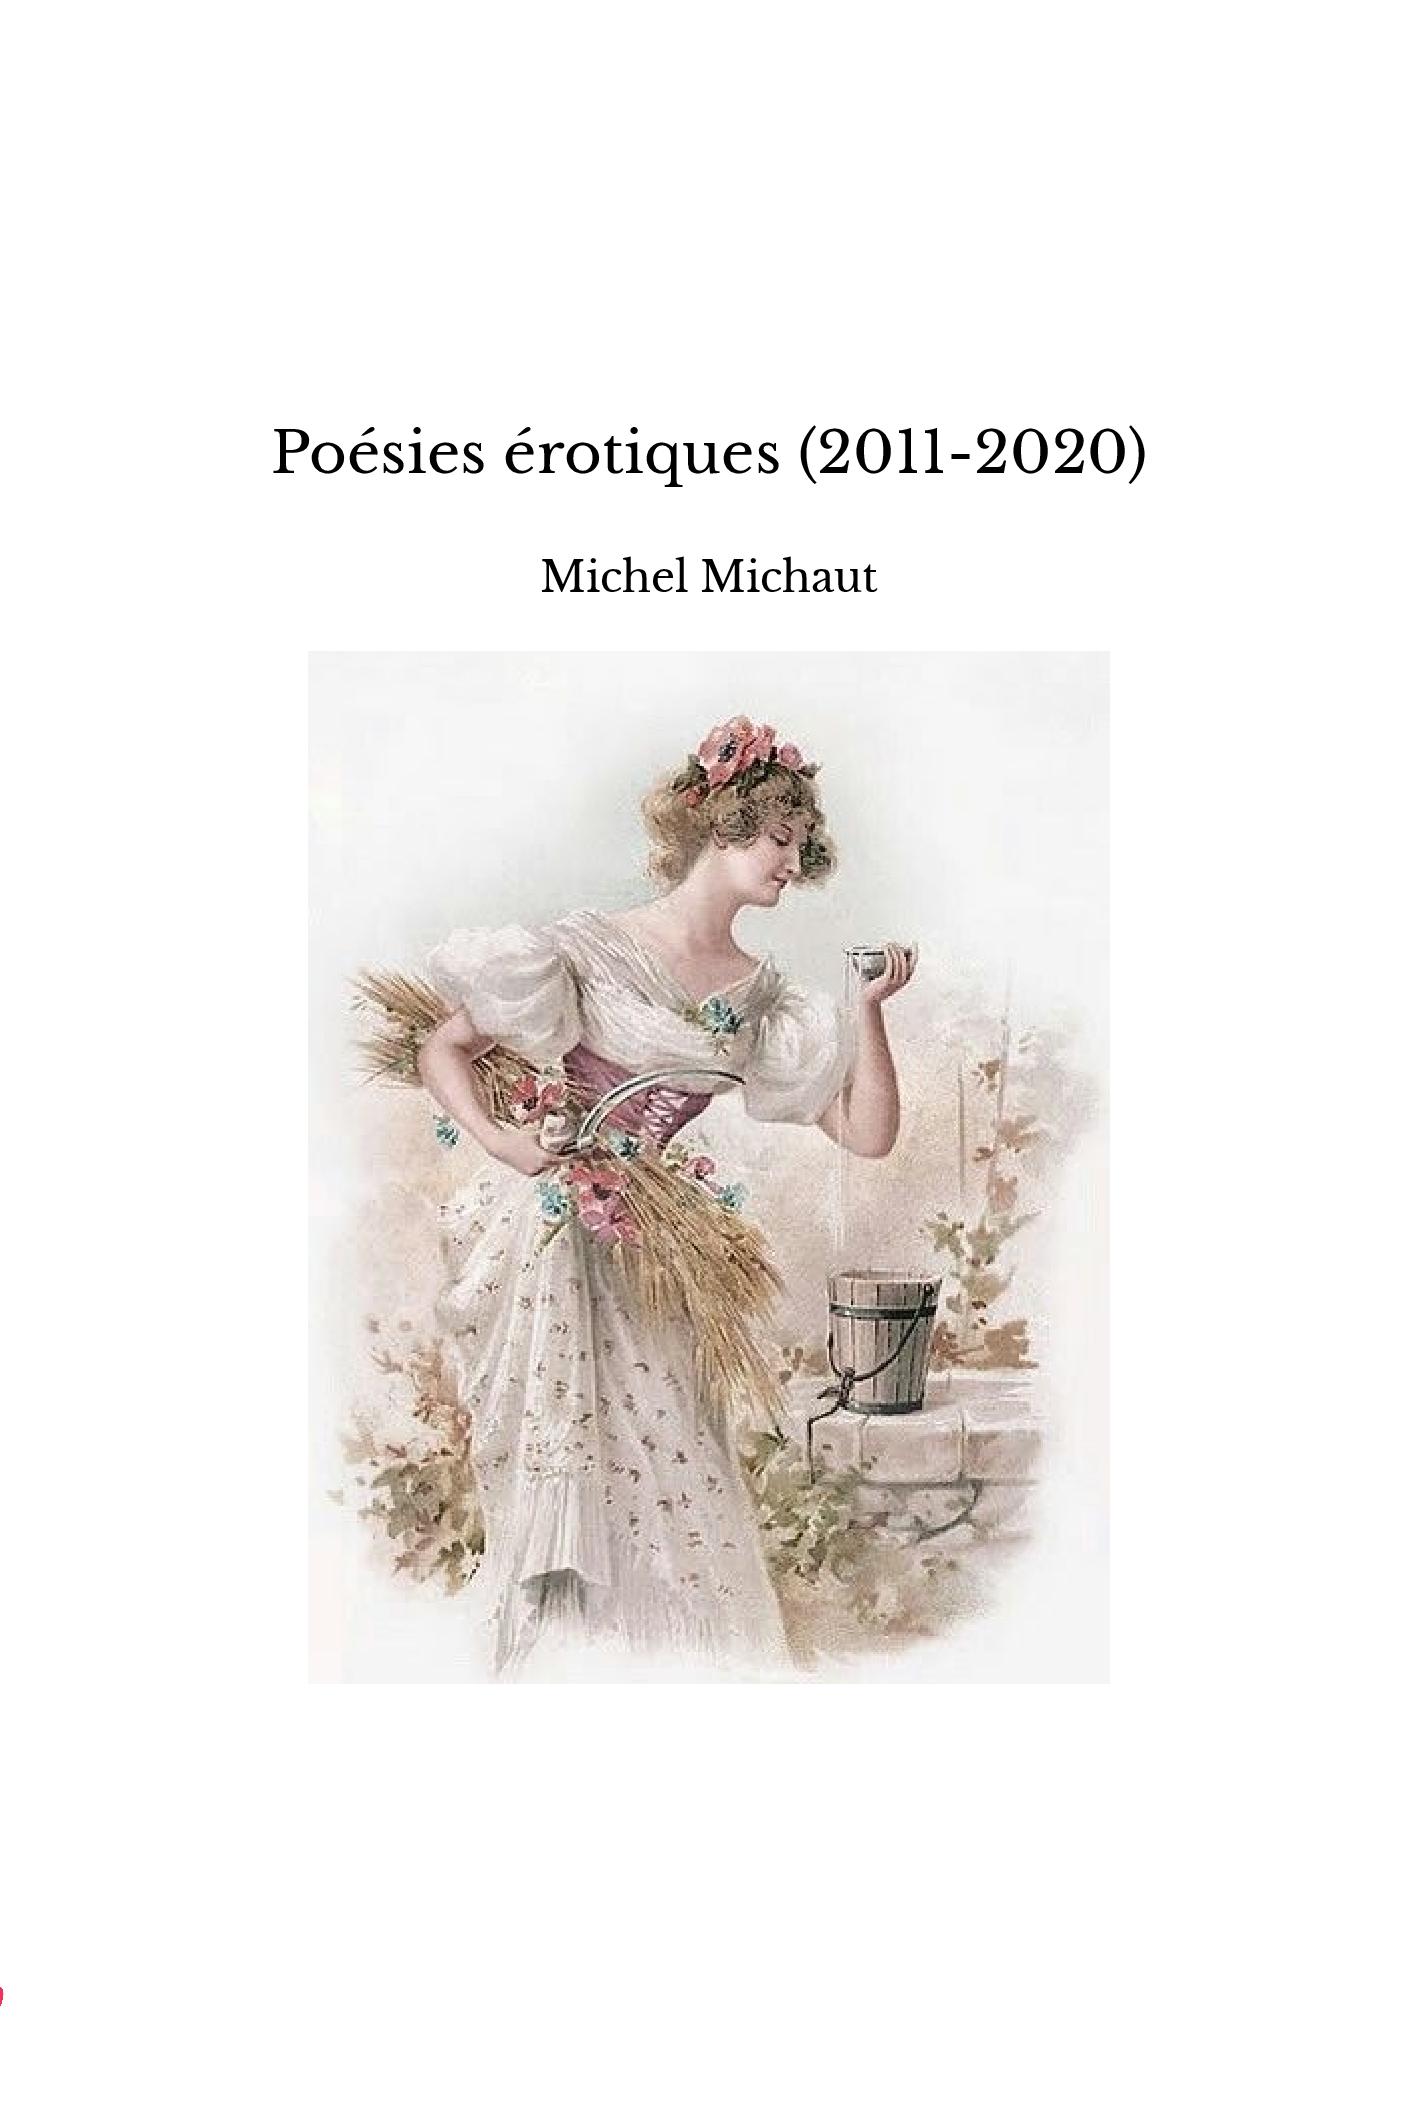 Poésies érotiques (2011-2020)